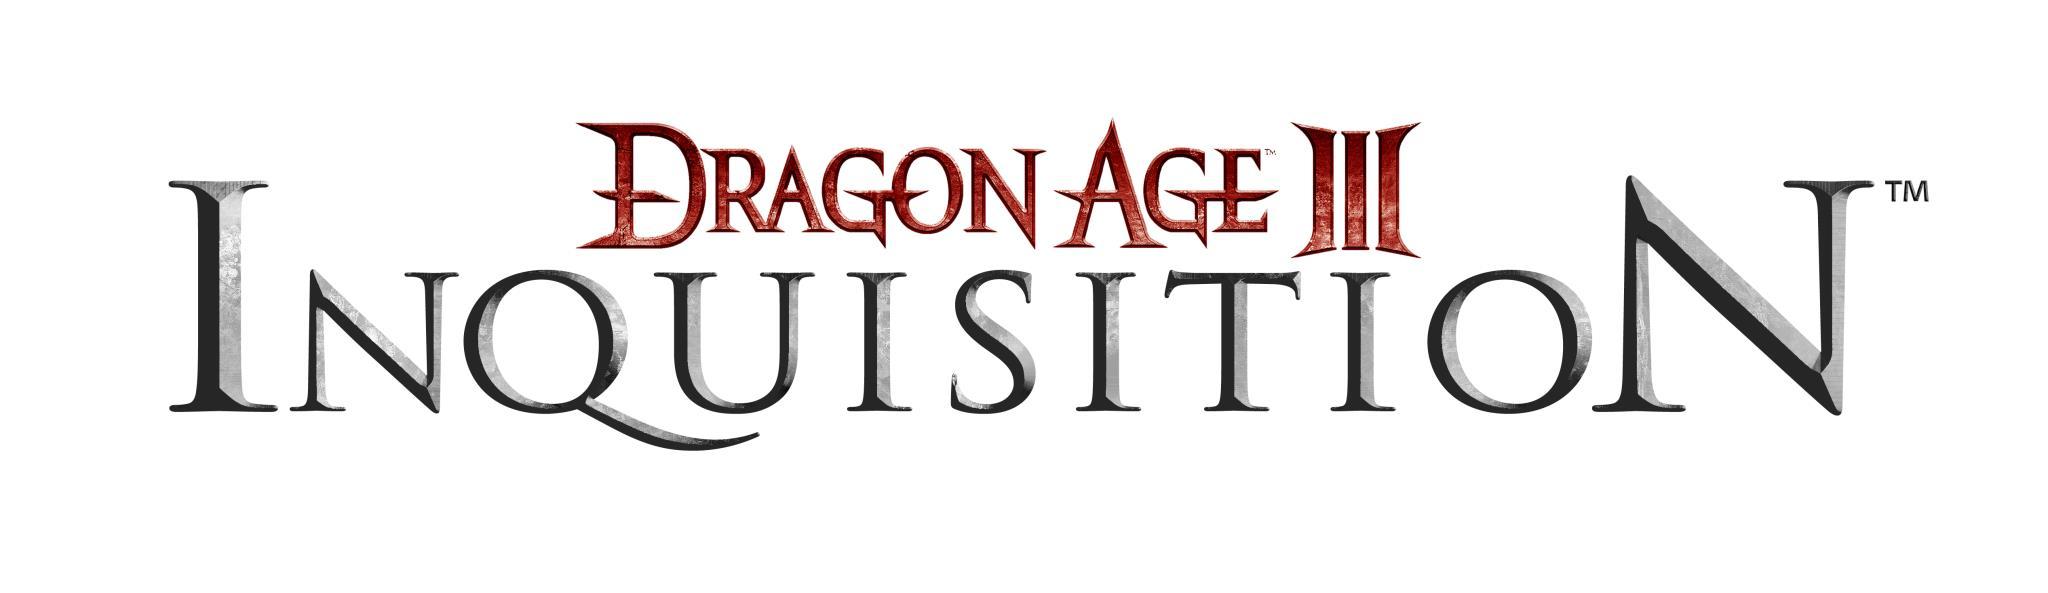 Ответы на вопросы о ремесле и персонализации в «Dragon Age: Инквизиция» - Изображение 1